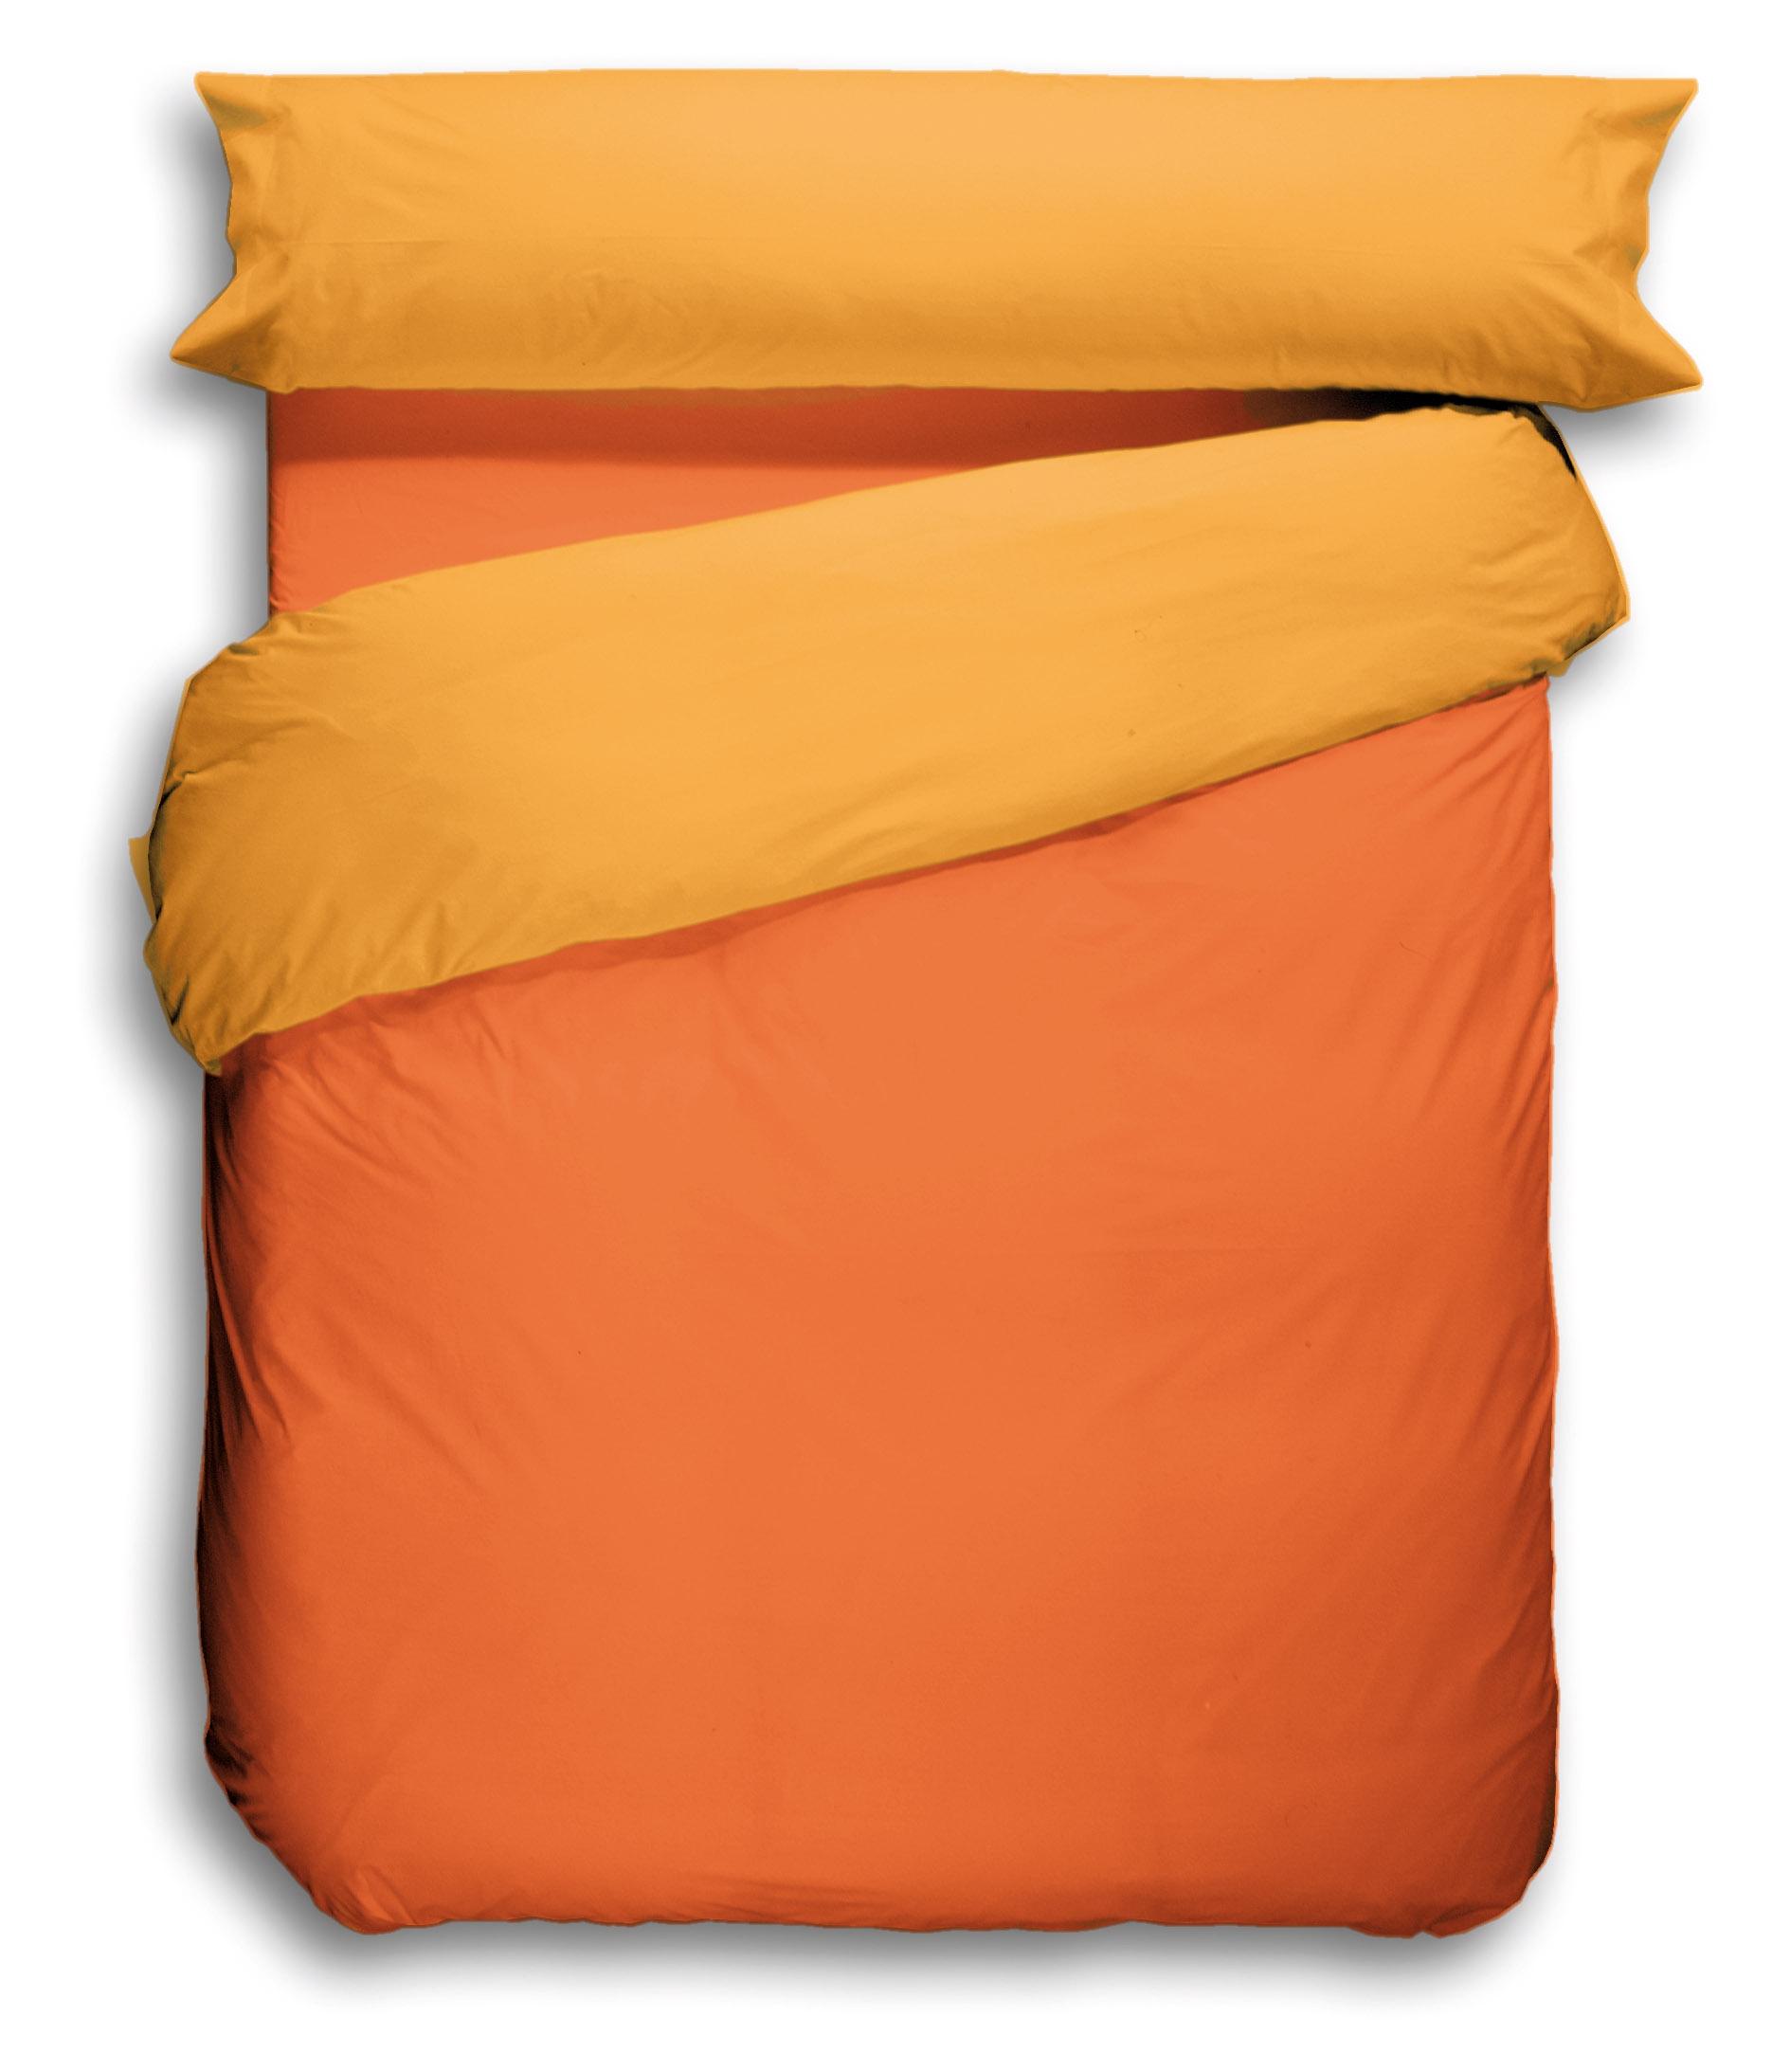 Naranja Caqui-Naranja